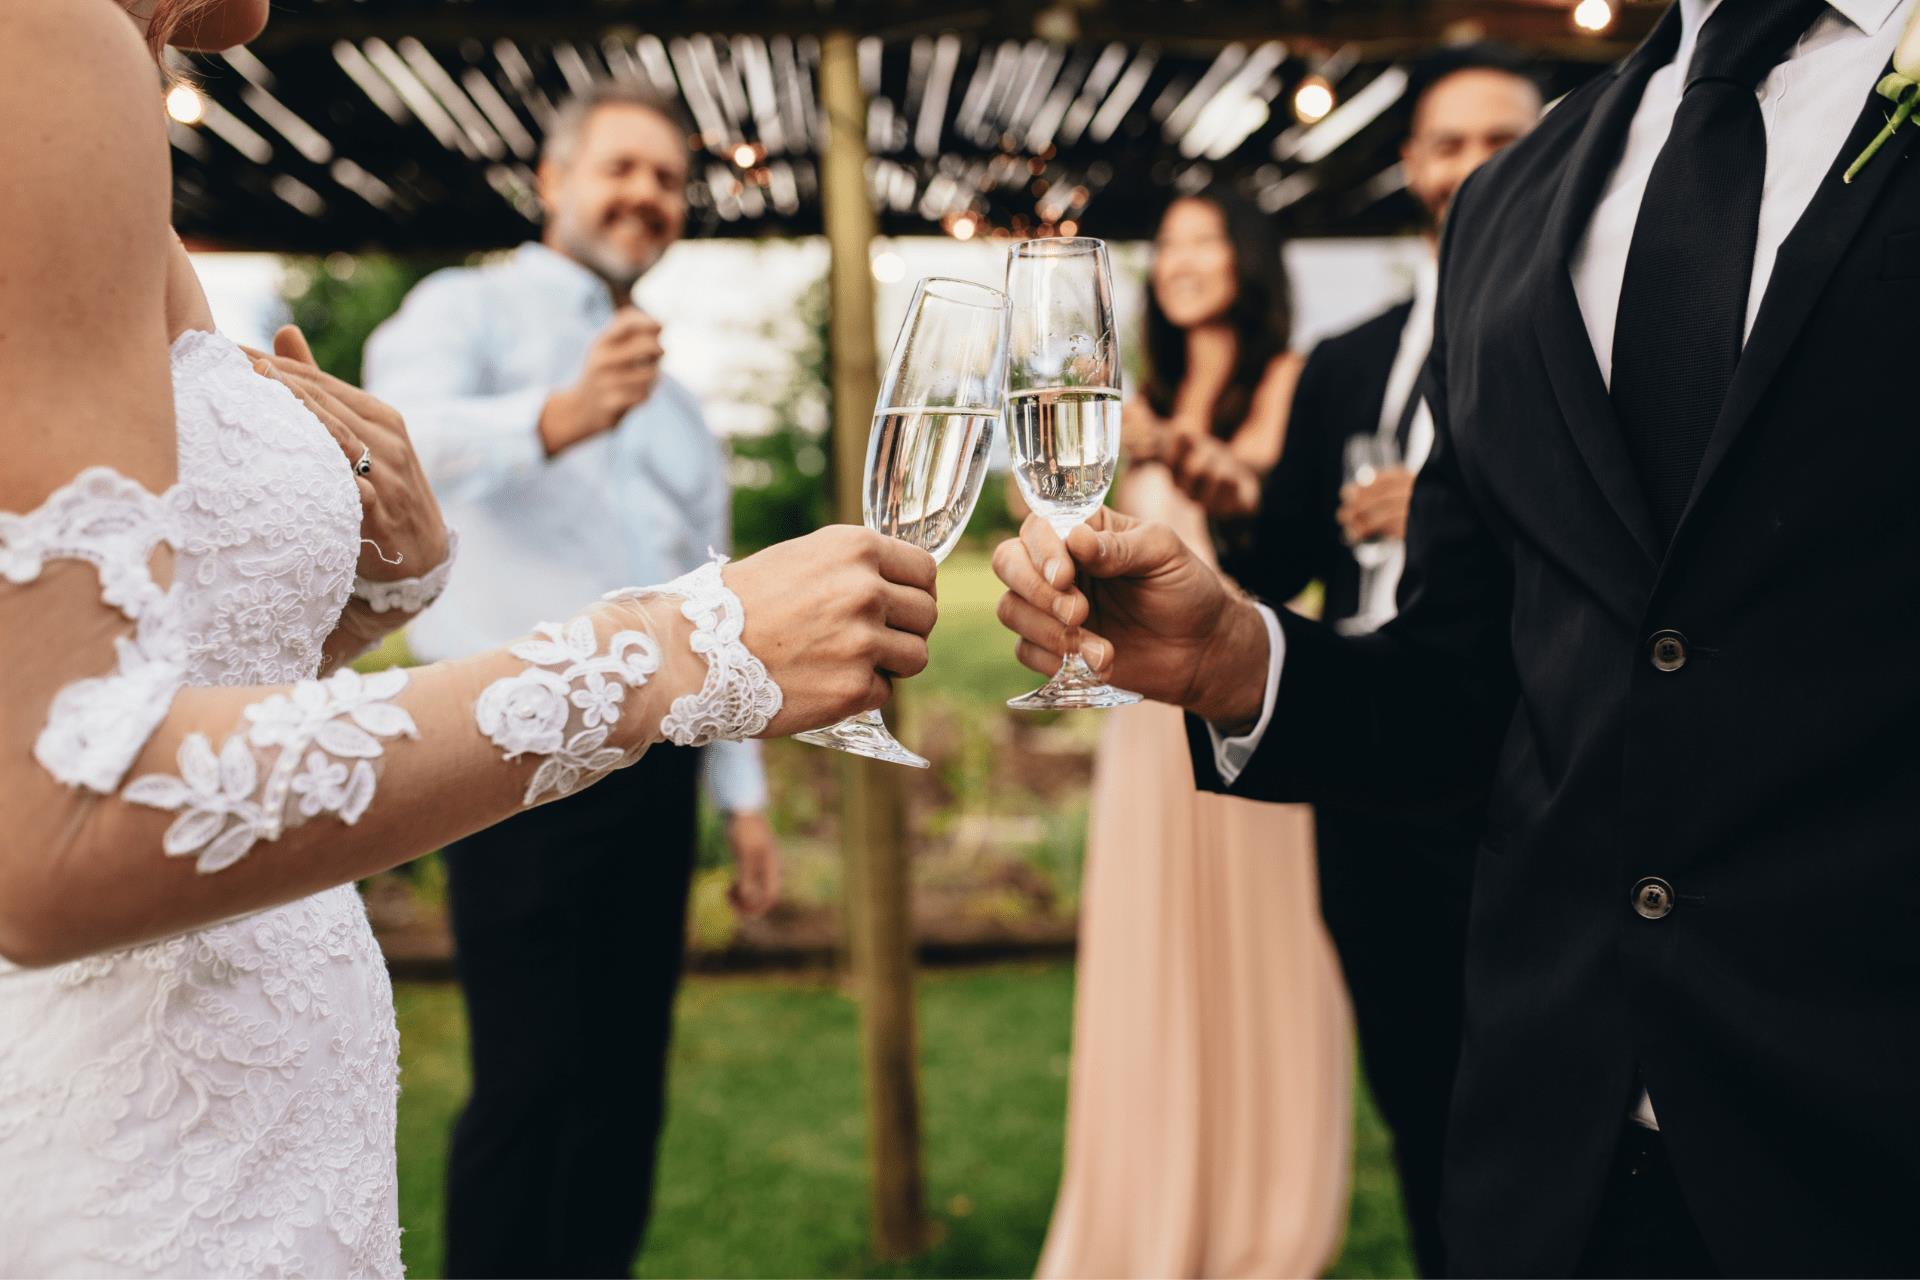 Consejos básicos de protocolo para tu boda